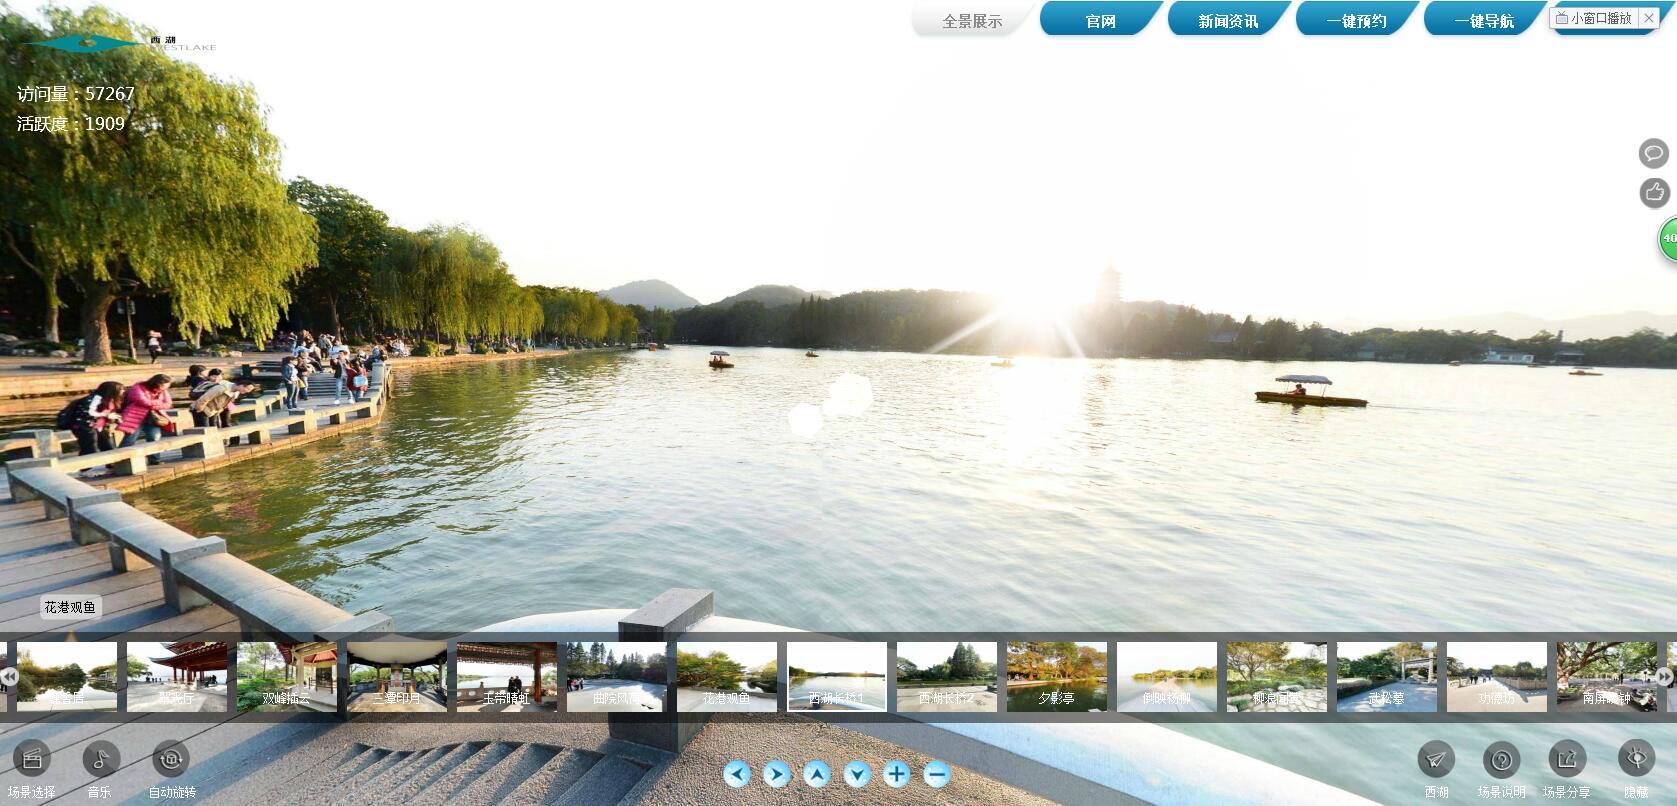 西湖十景VR全景摄影展示之二